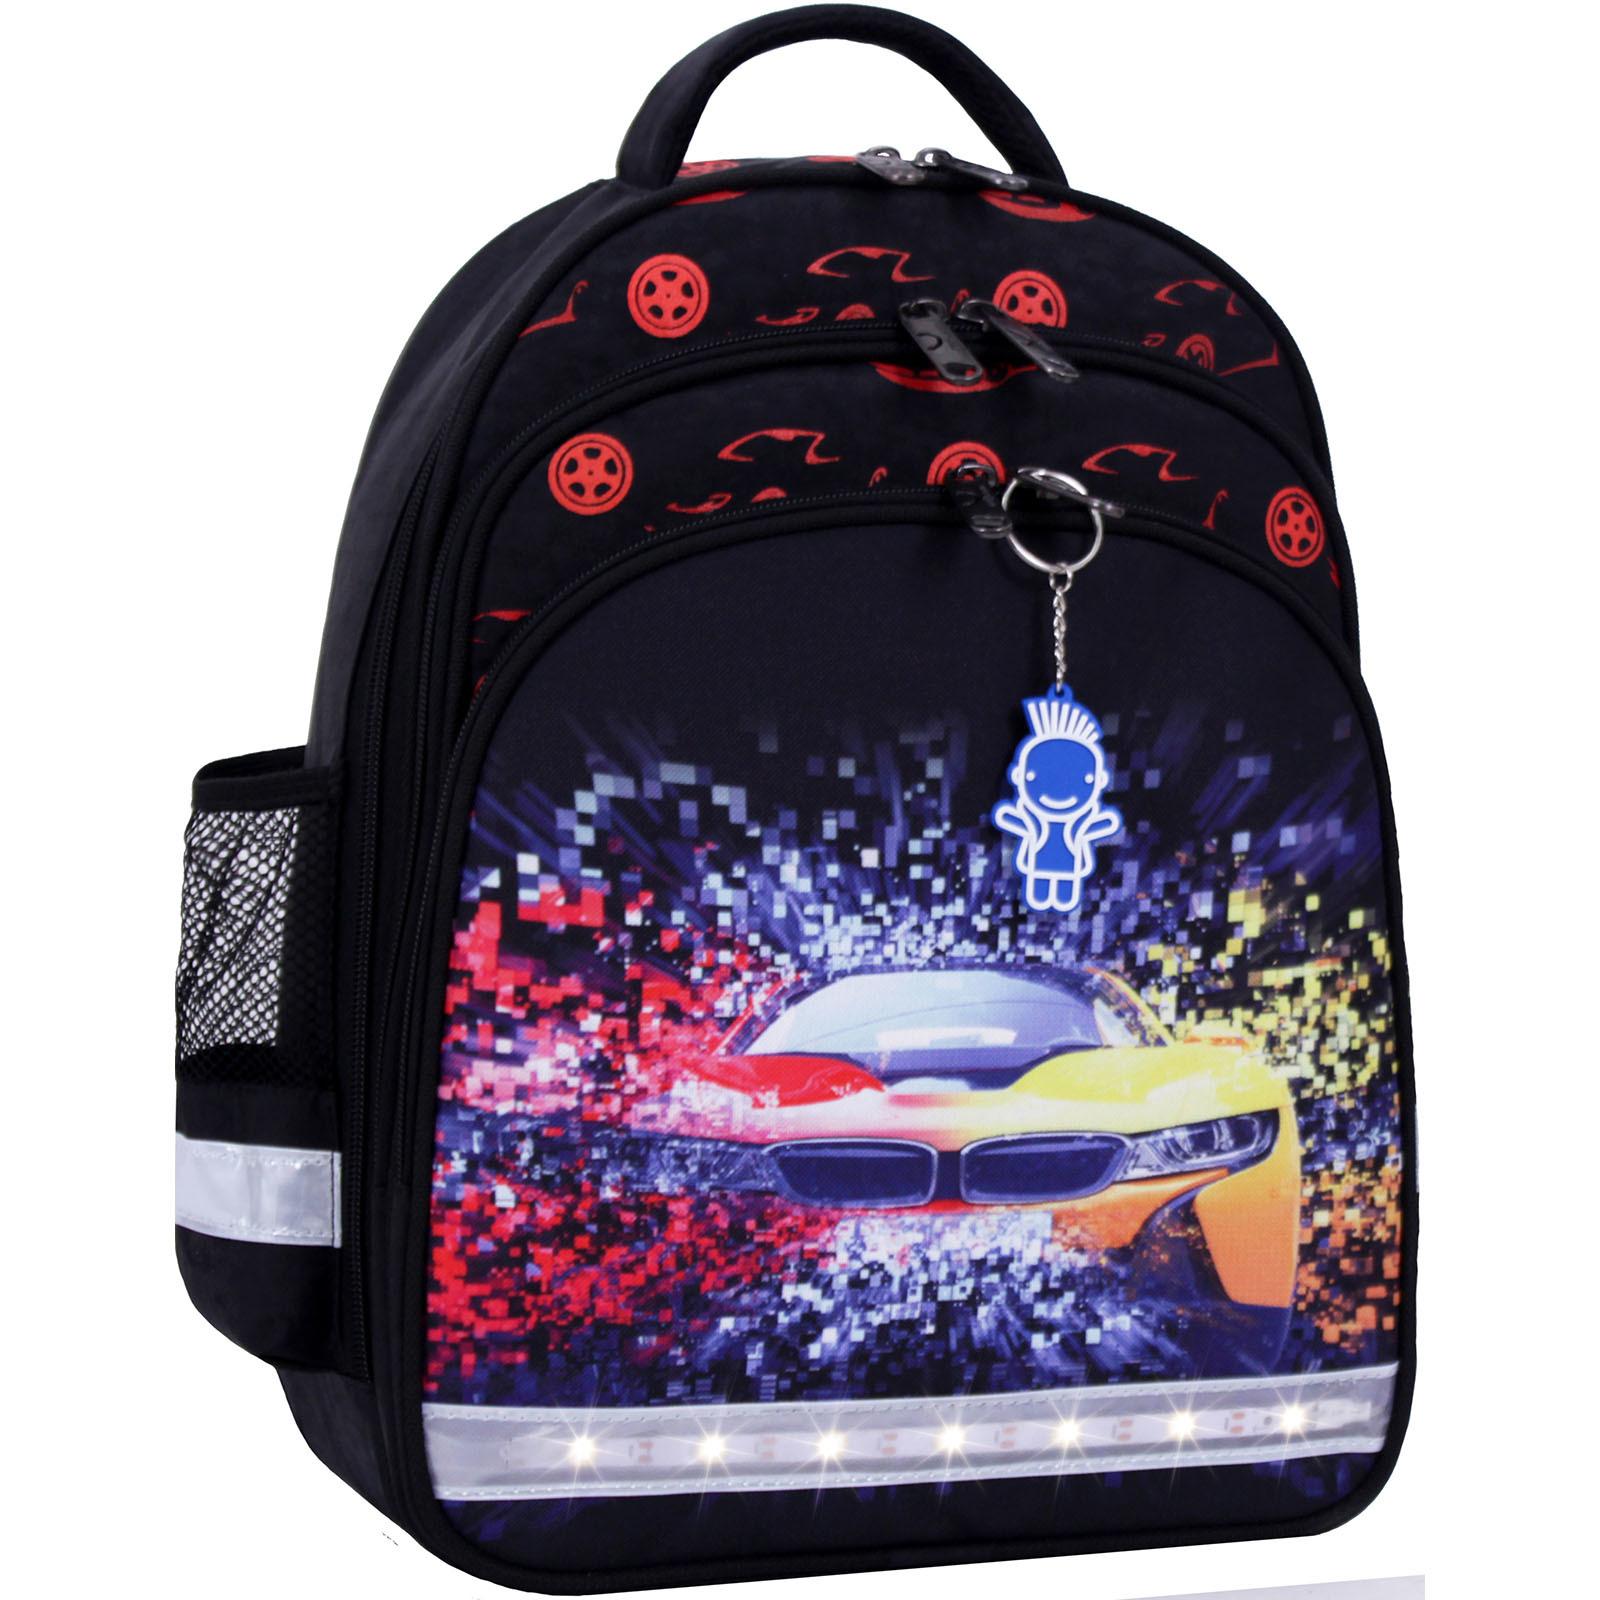 Для детей Рюкзак школьный Bagland Mouse черный 417 (00513702) IMG_1492.JPG